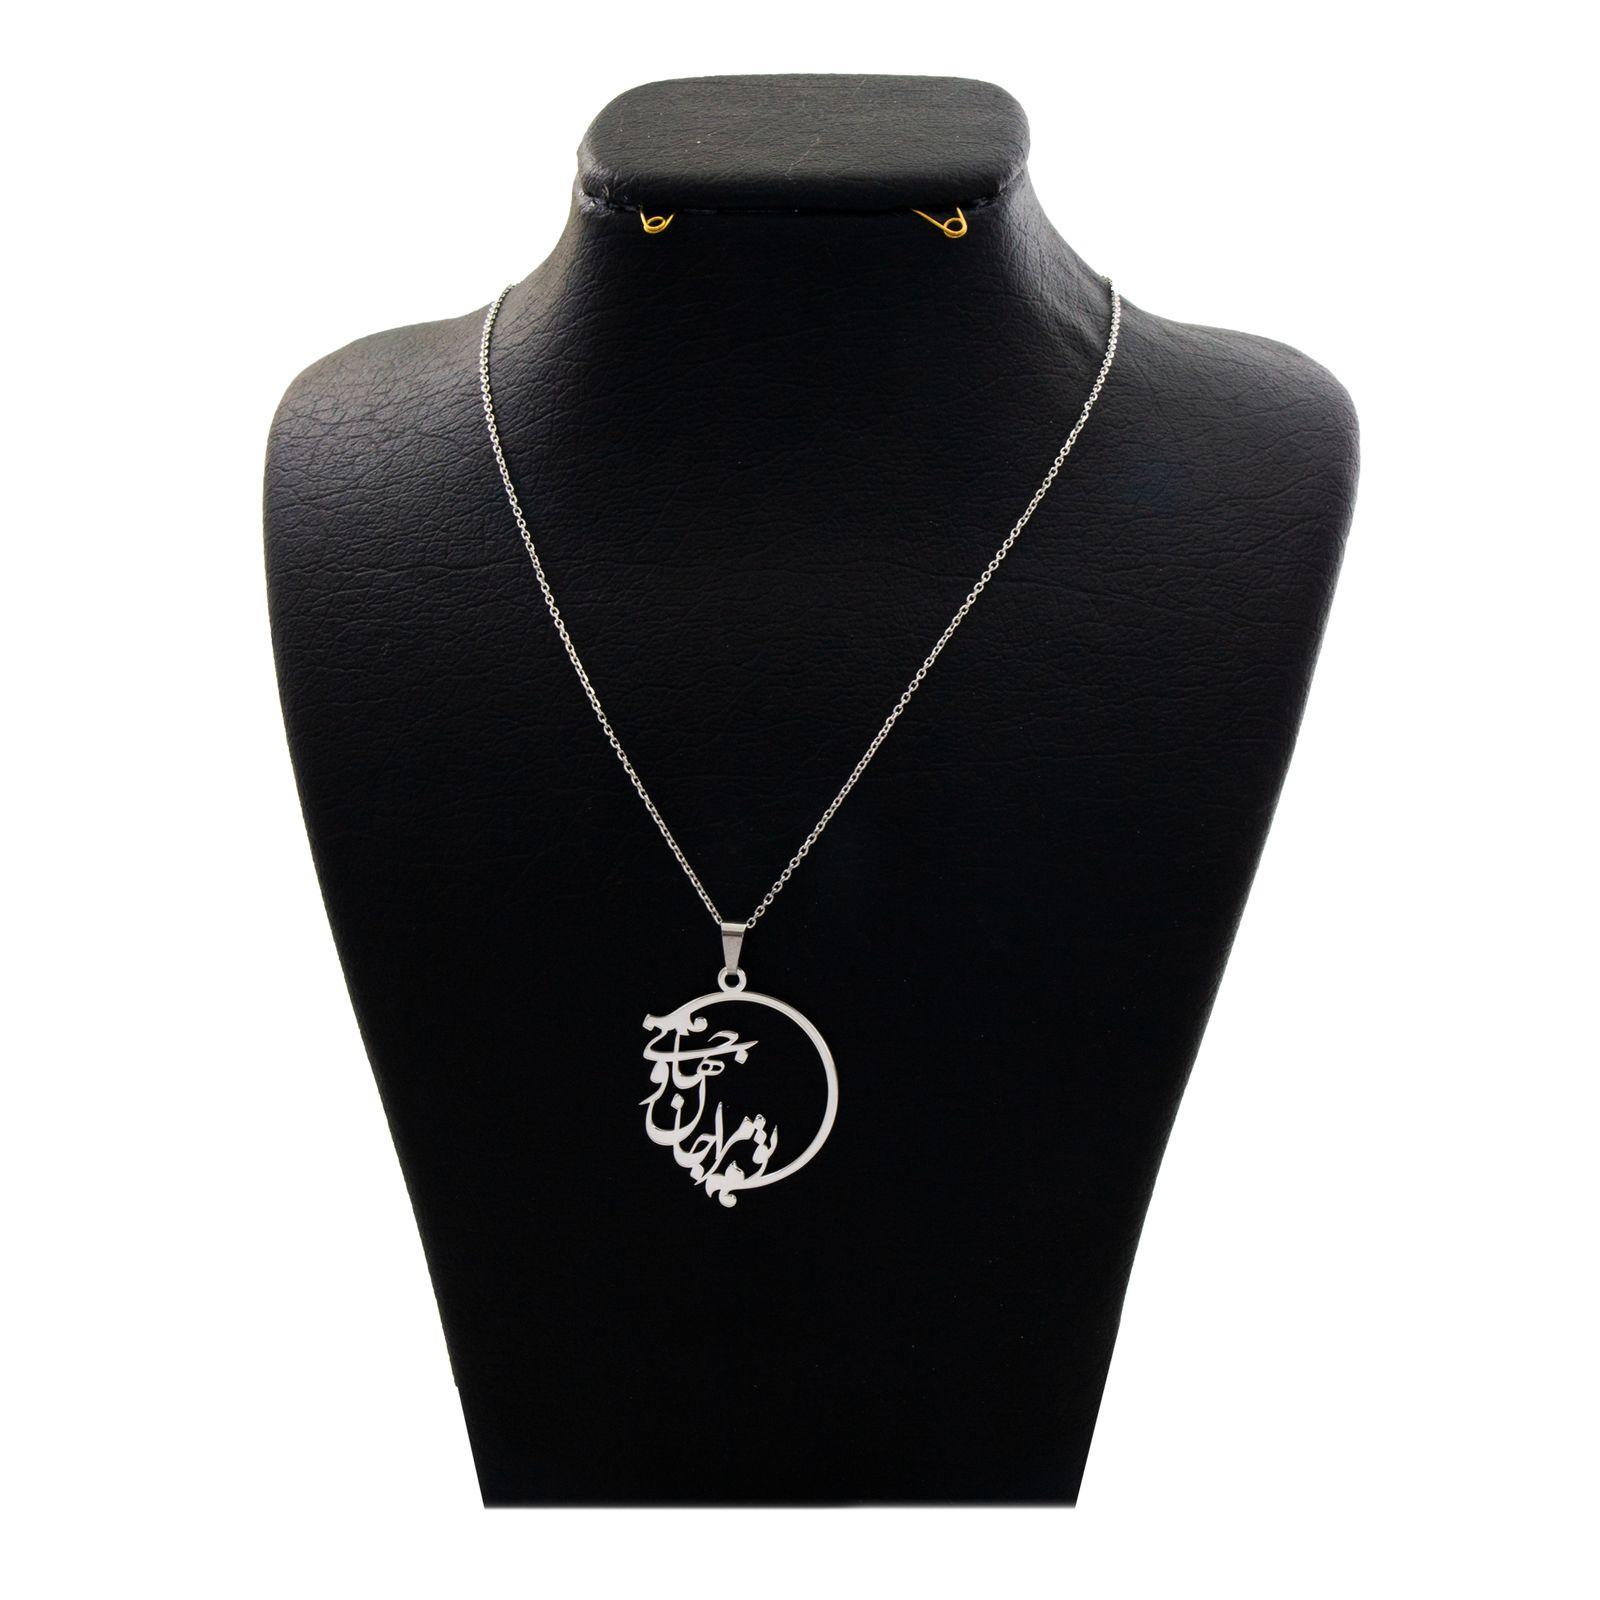 گردنبند نقره زنانه دلی جم طرح تو مرا جان جهانی کد D 75 -  - 2